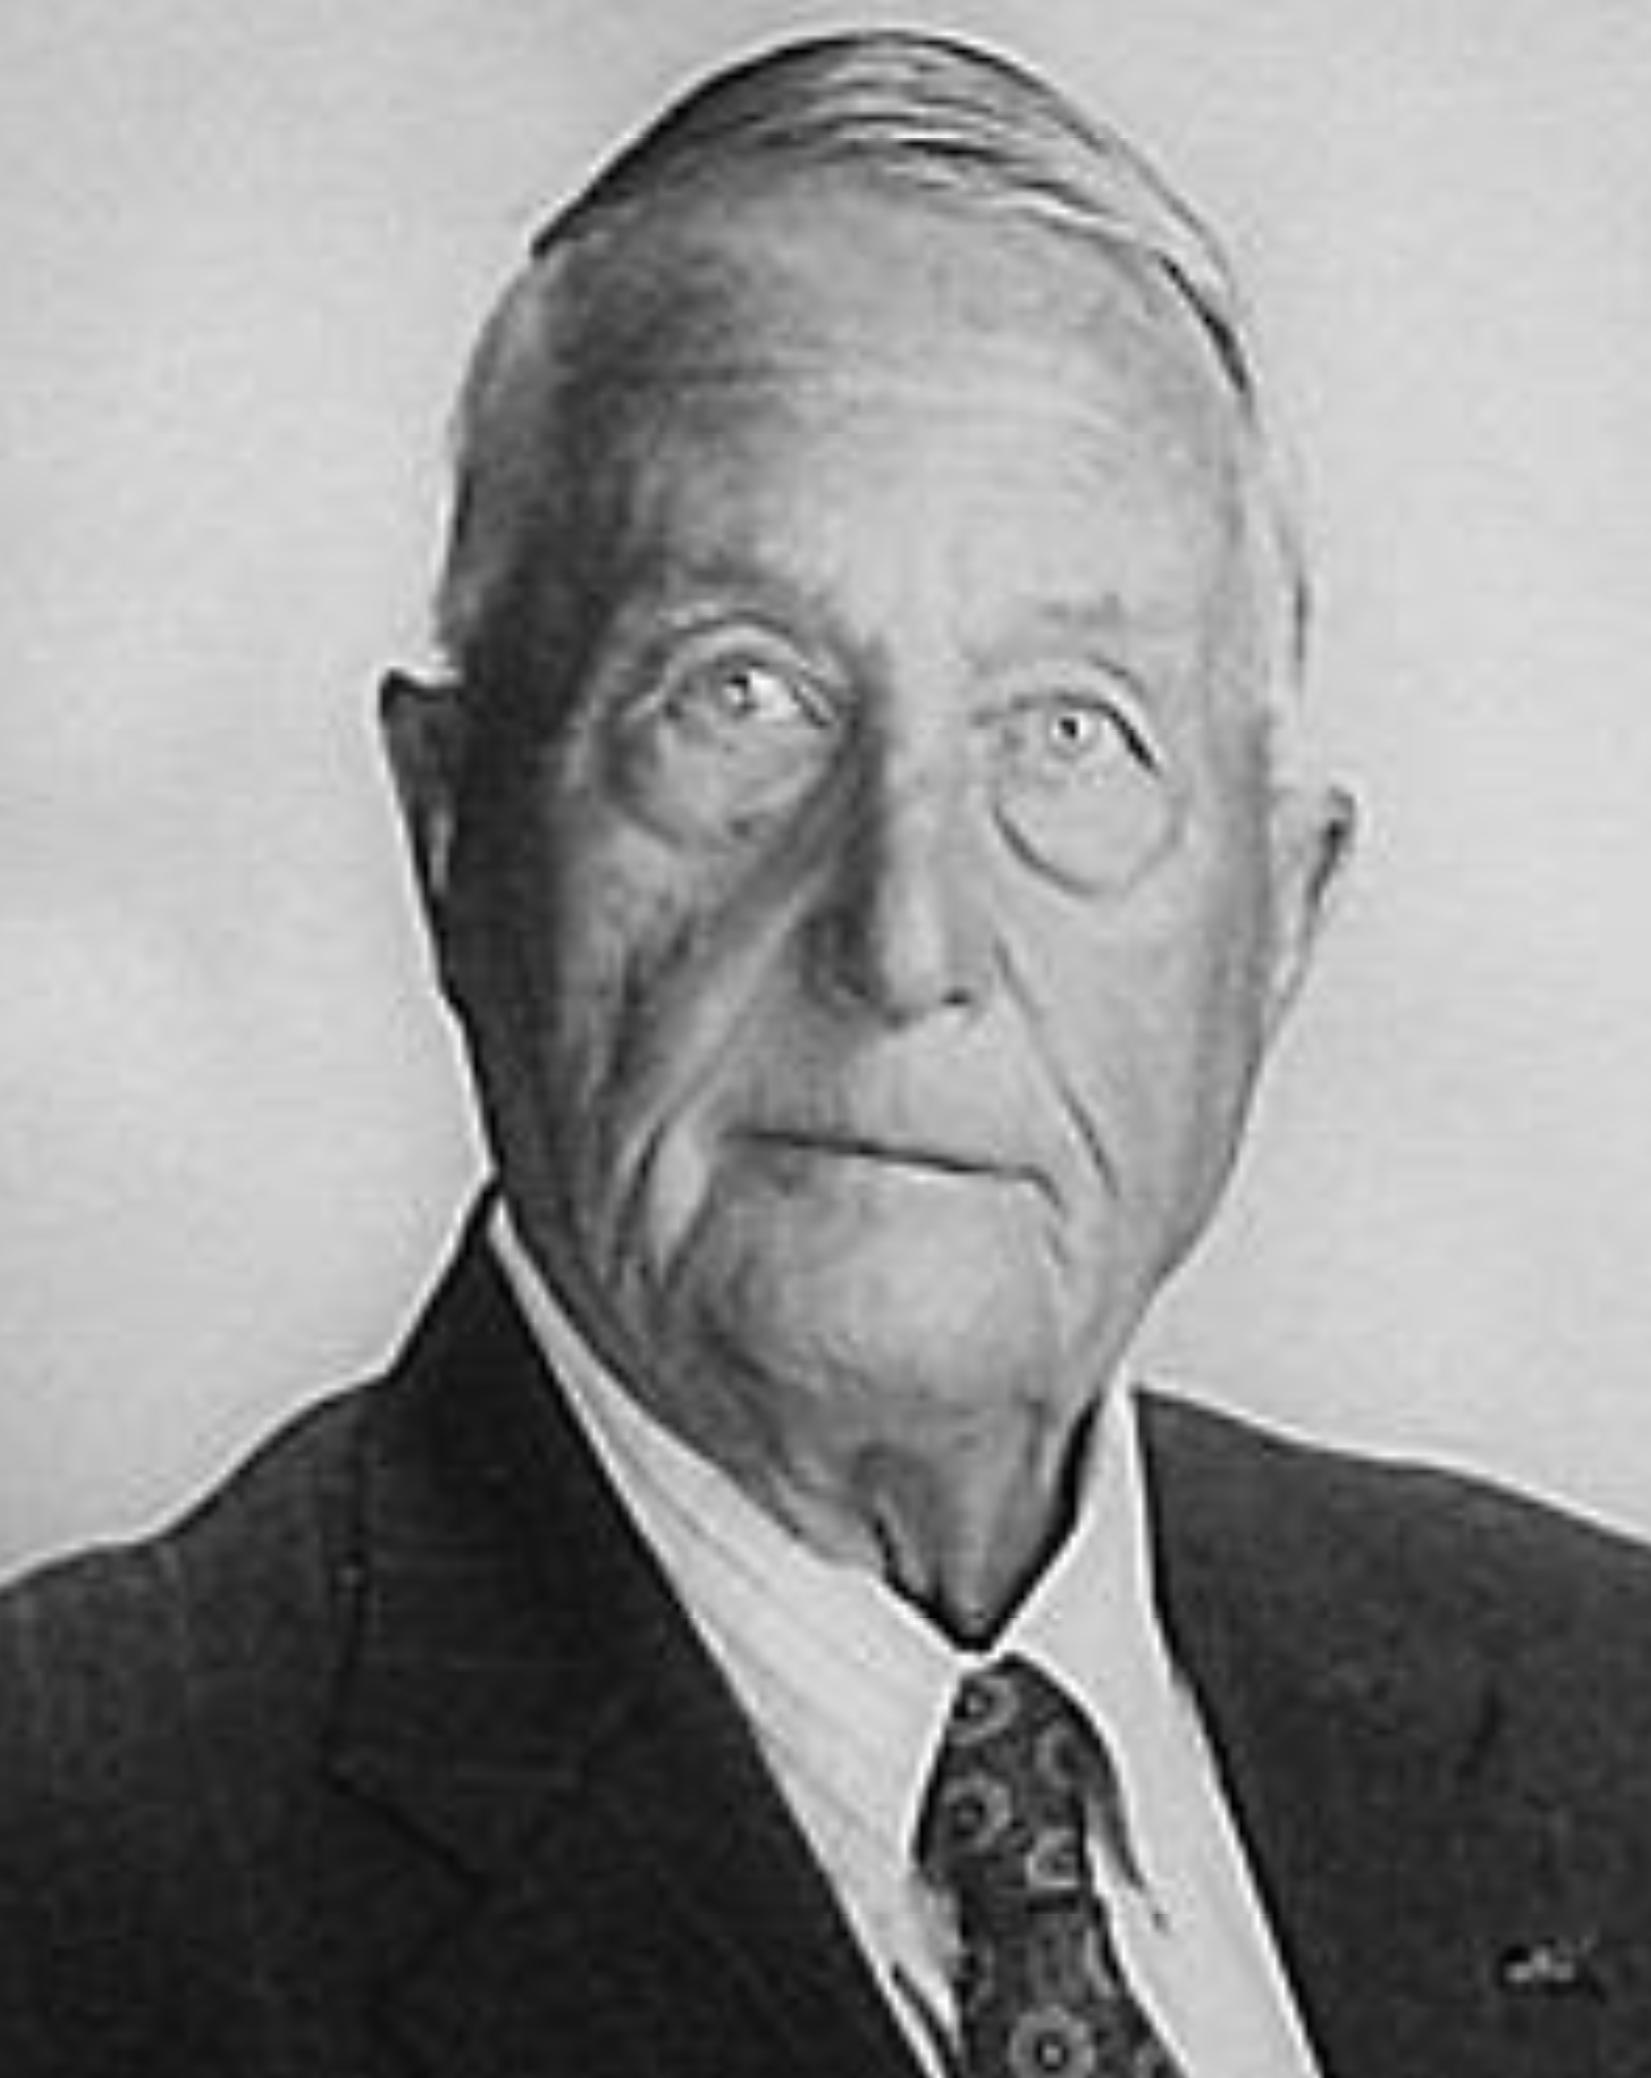 JOHN L. HAAS